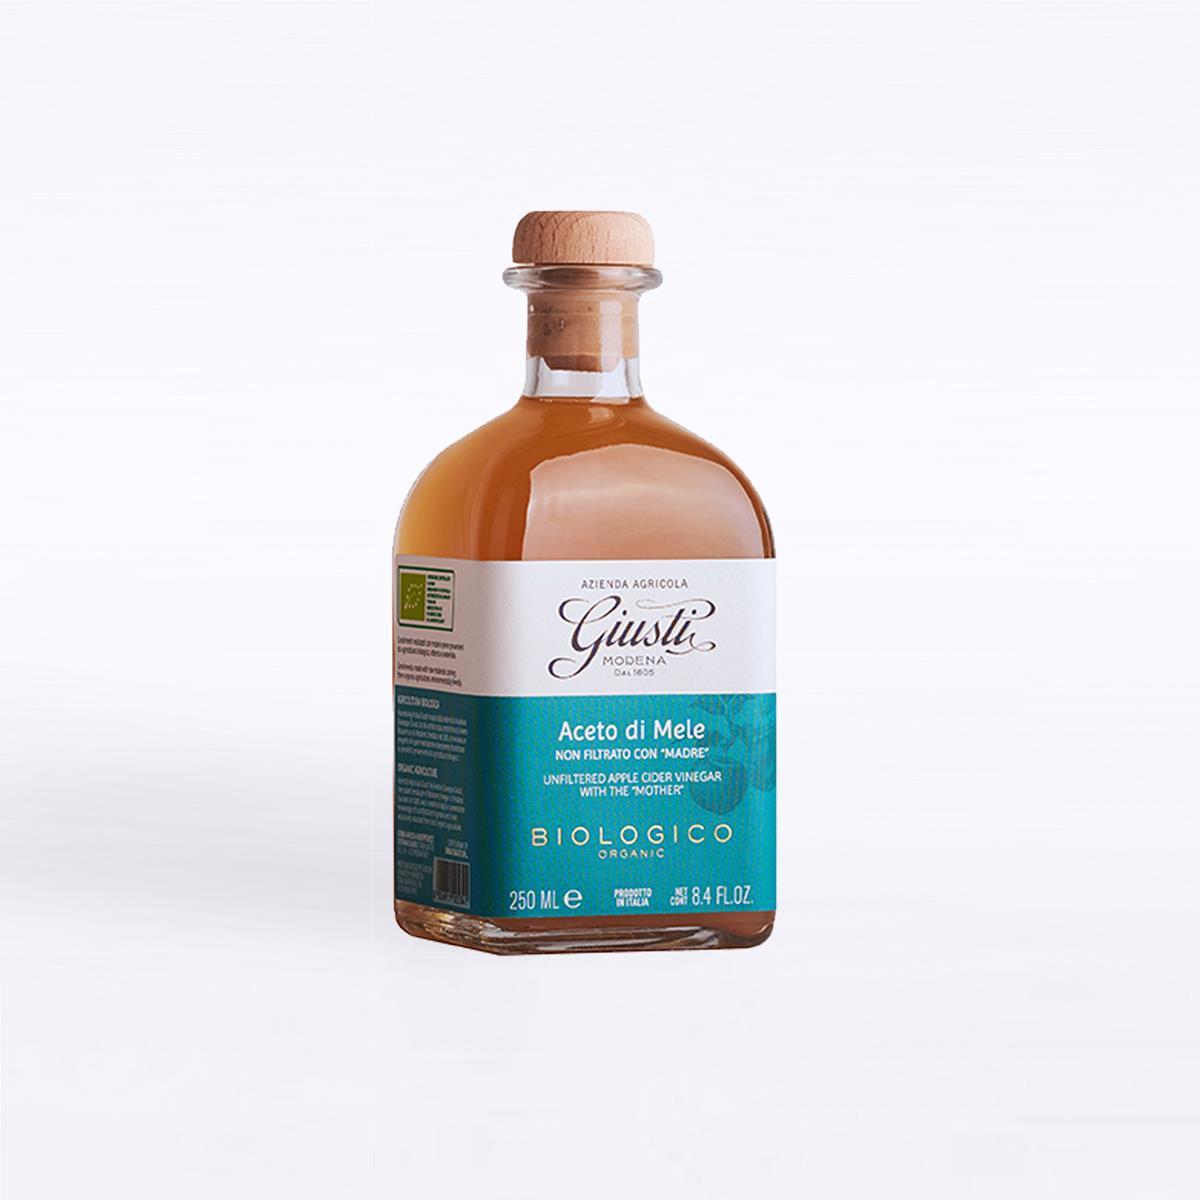 Aceto di mele Biologico non filtrato con madre 250 ml